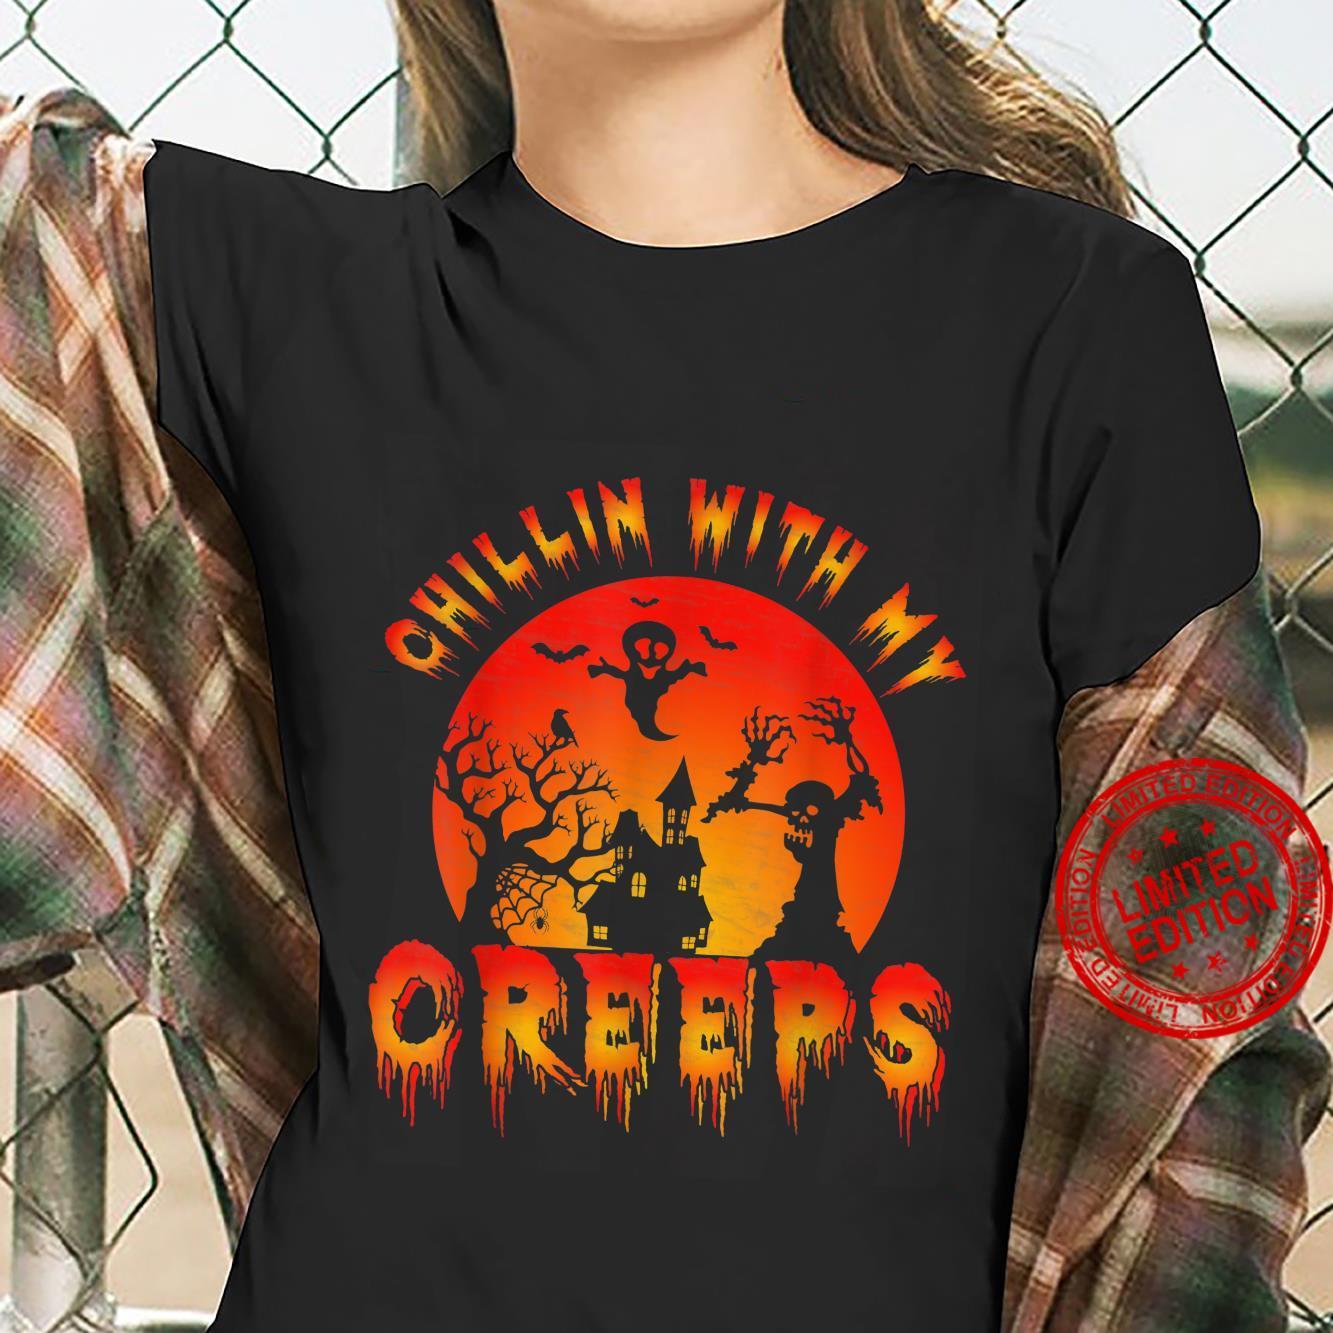 Creeps Halloween Shirt ladies tee